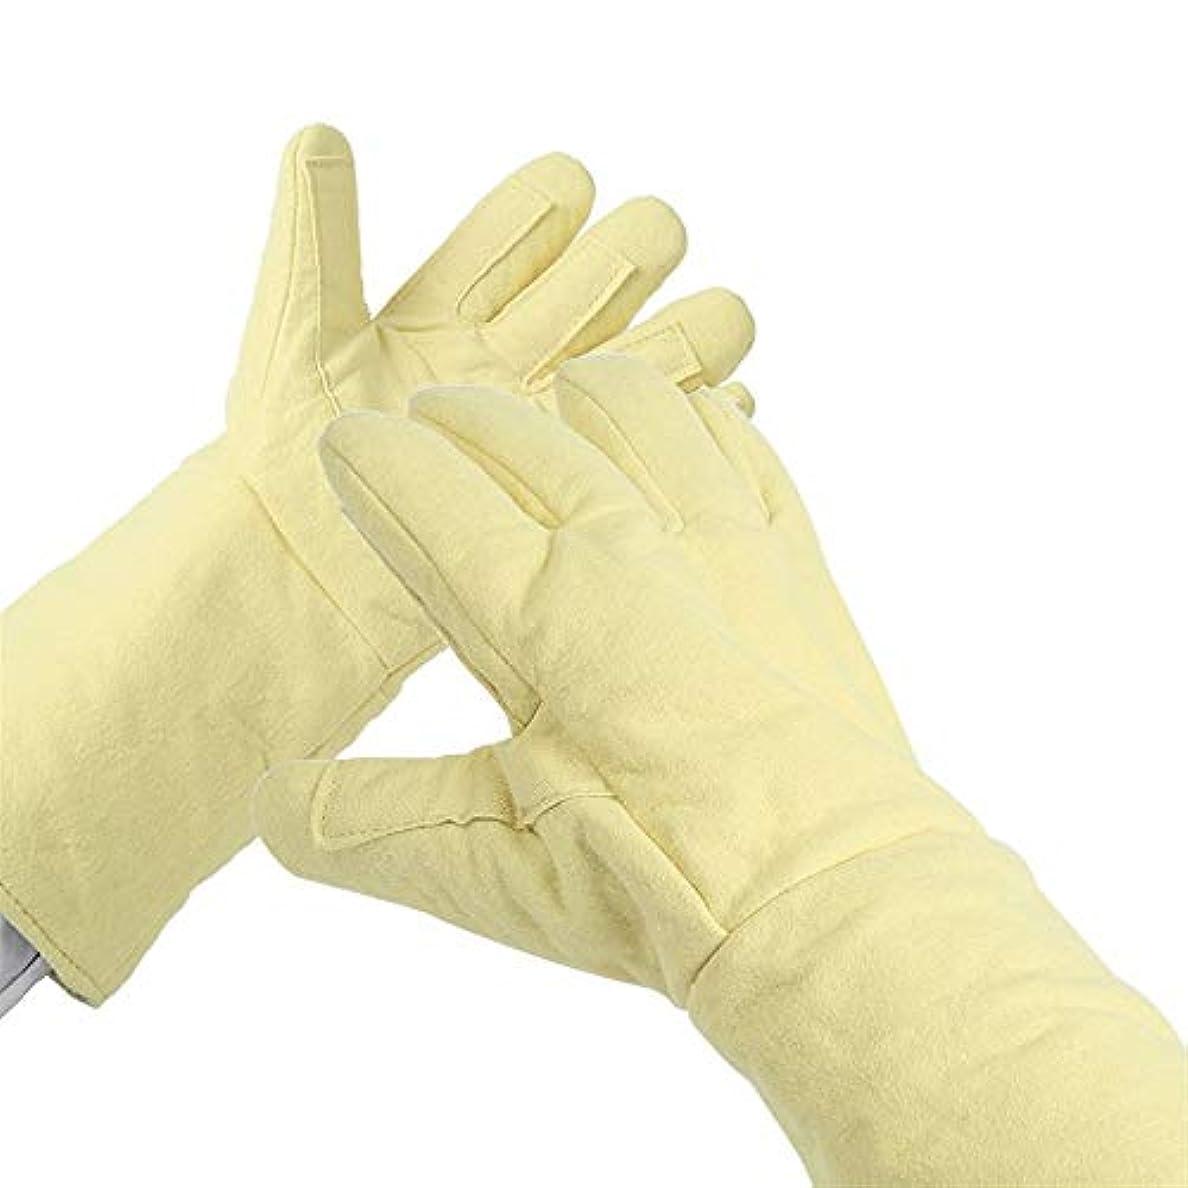 内部速記密度MDYJP 高温耐性 手袋 アンチカッティング ハンド 穿刺 保護 産業労働者 耐摩耗性 手袋 (Color : Yellow, Size : L)